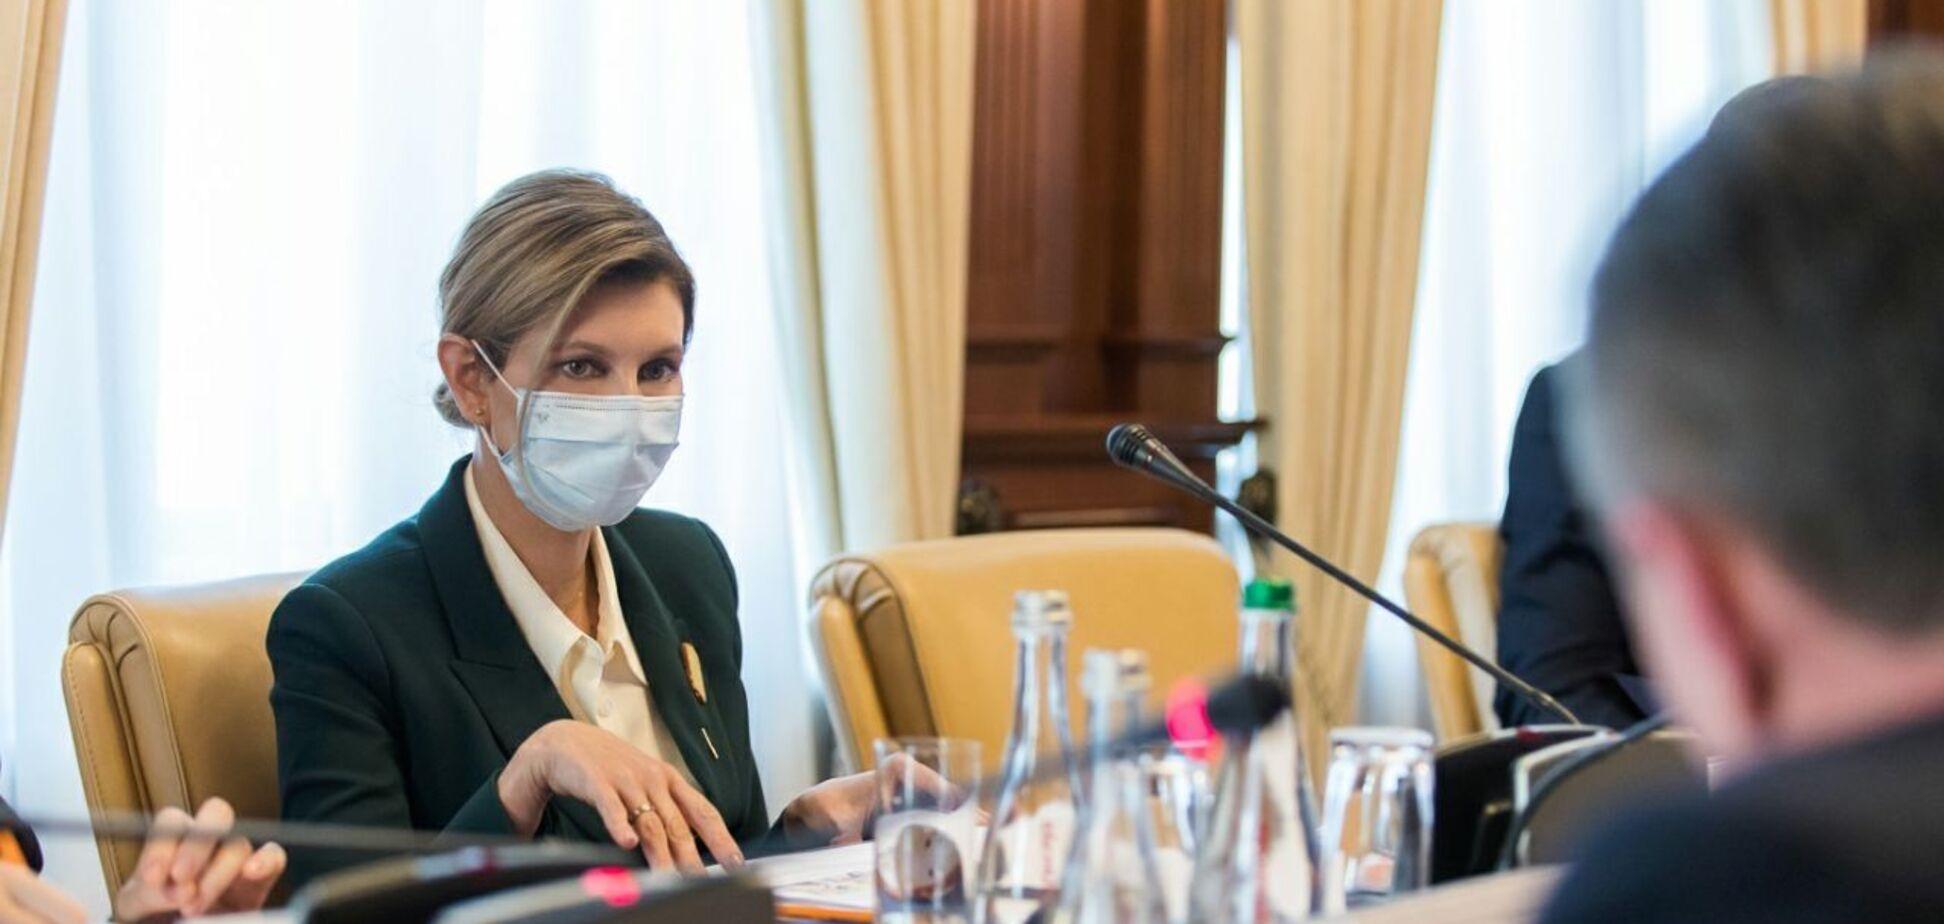 УрегіонахУкраїнипланують реалізуватидесяткибезбар'єрнихпроєктів у 2021 році